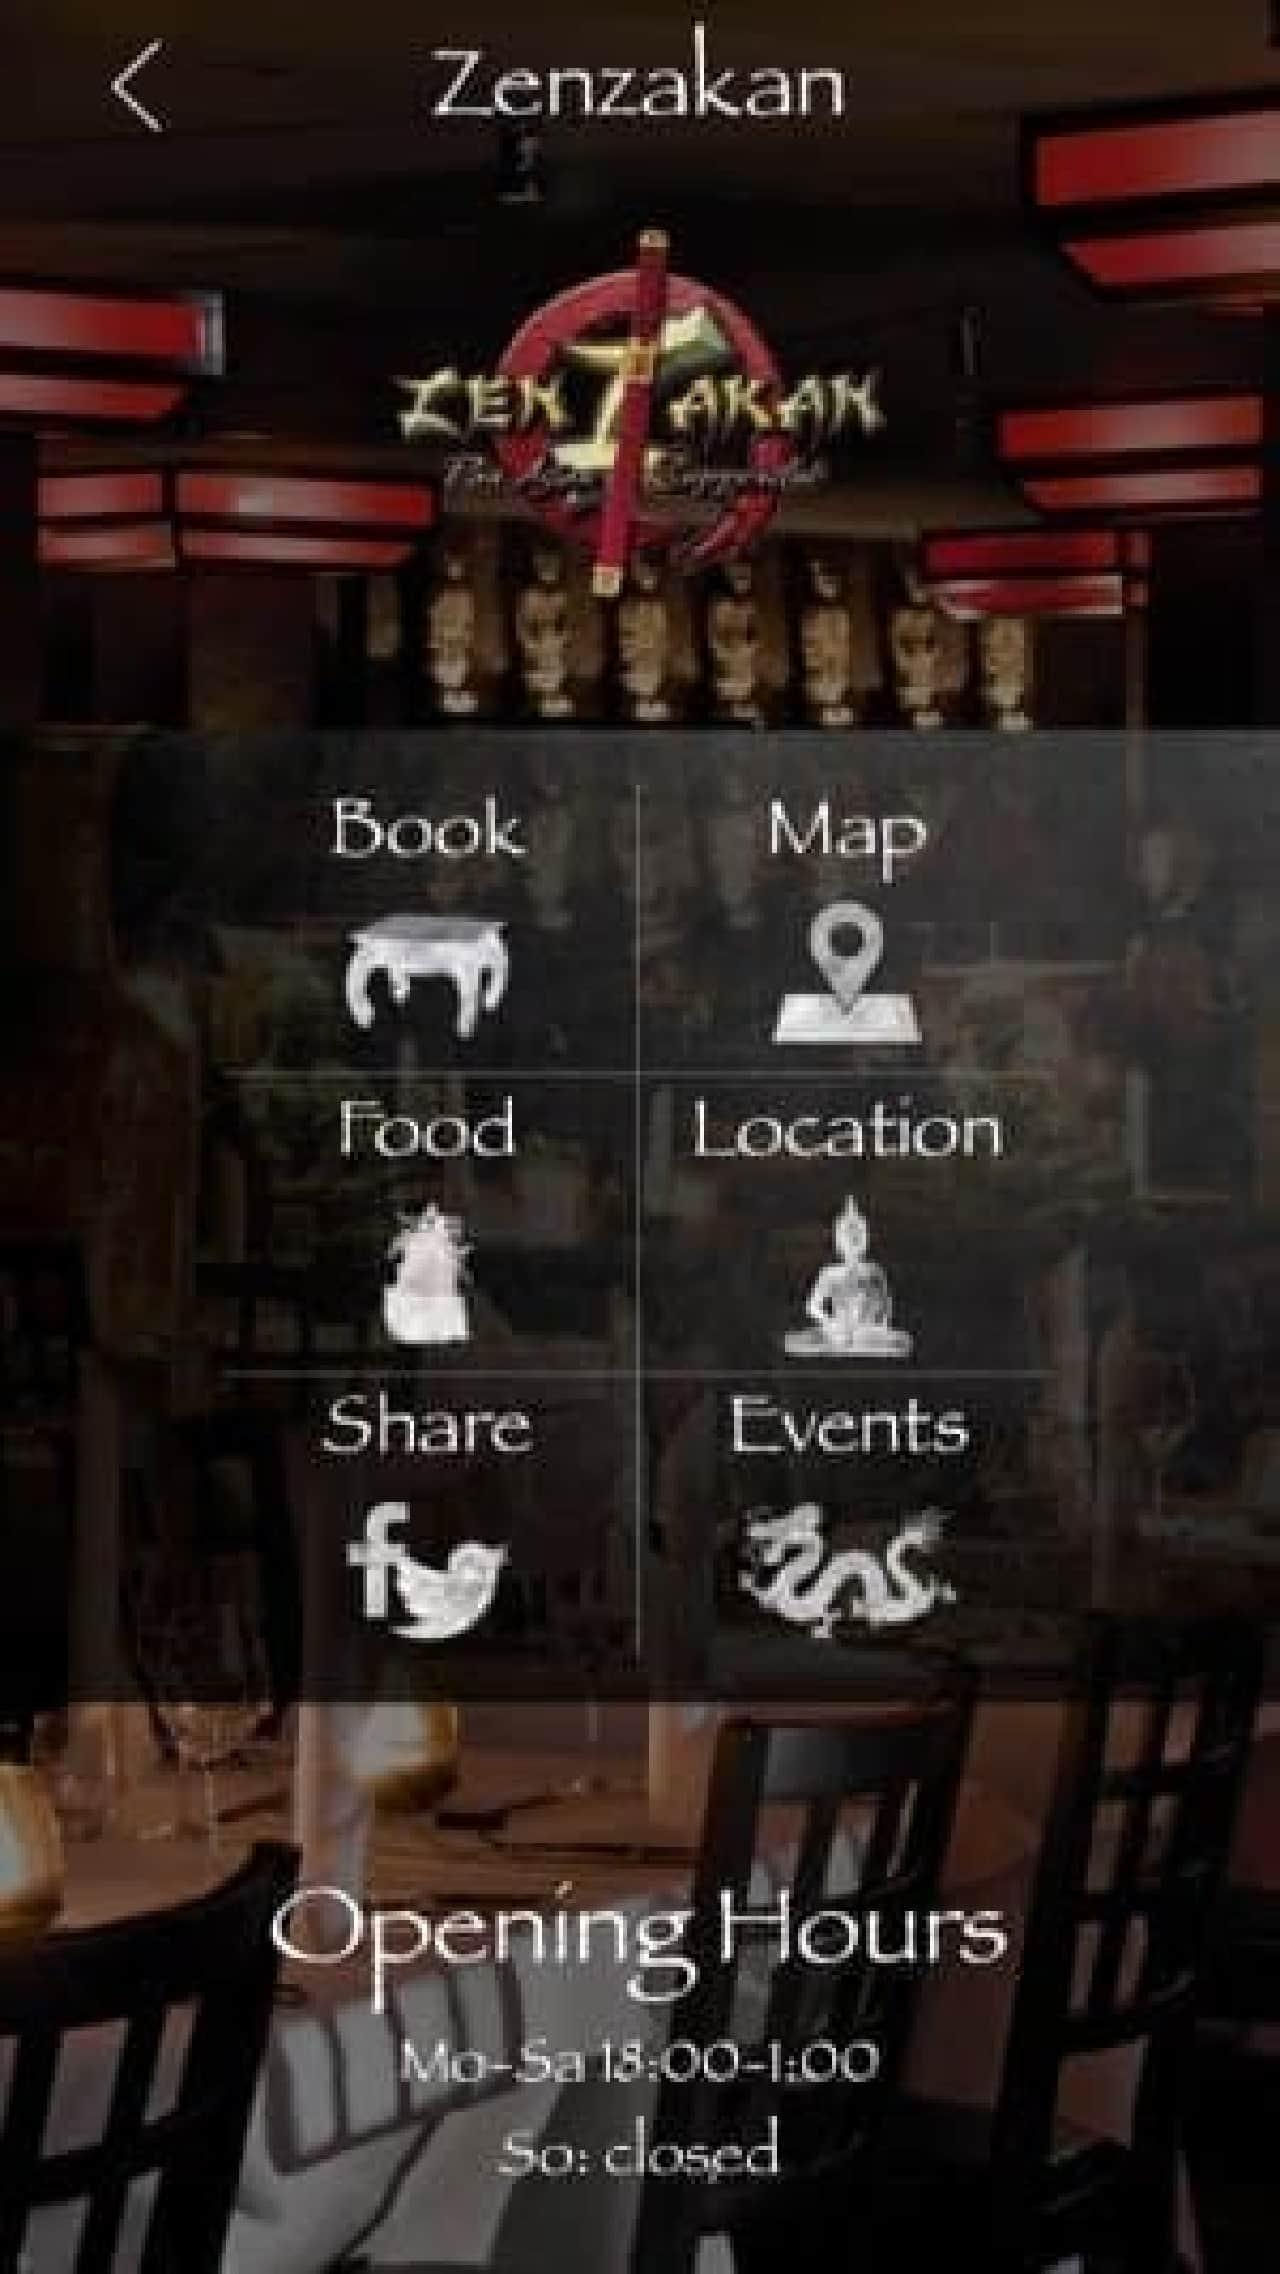 レストランのメニュー写真を見たり  予約を入れたりすることもできる